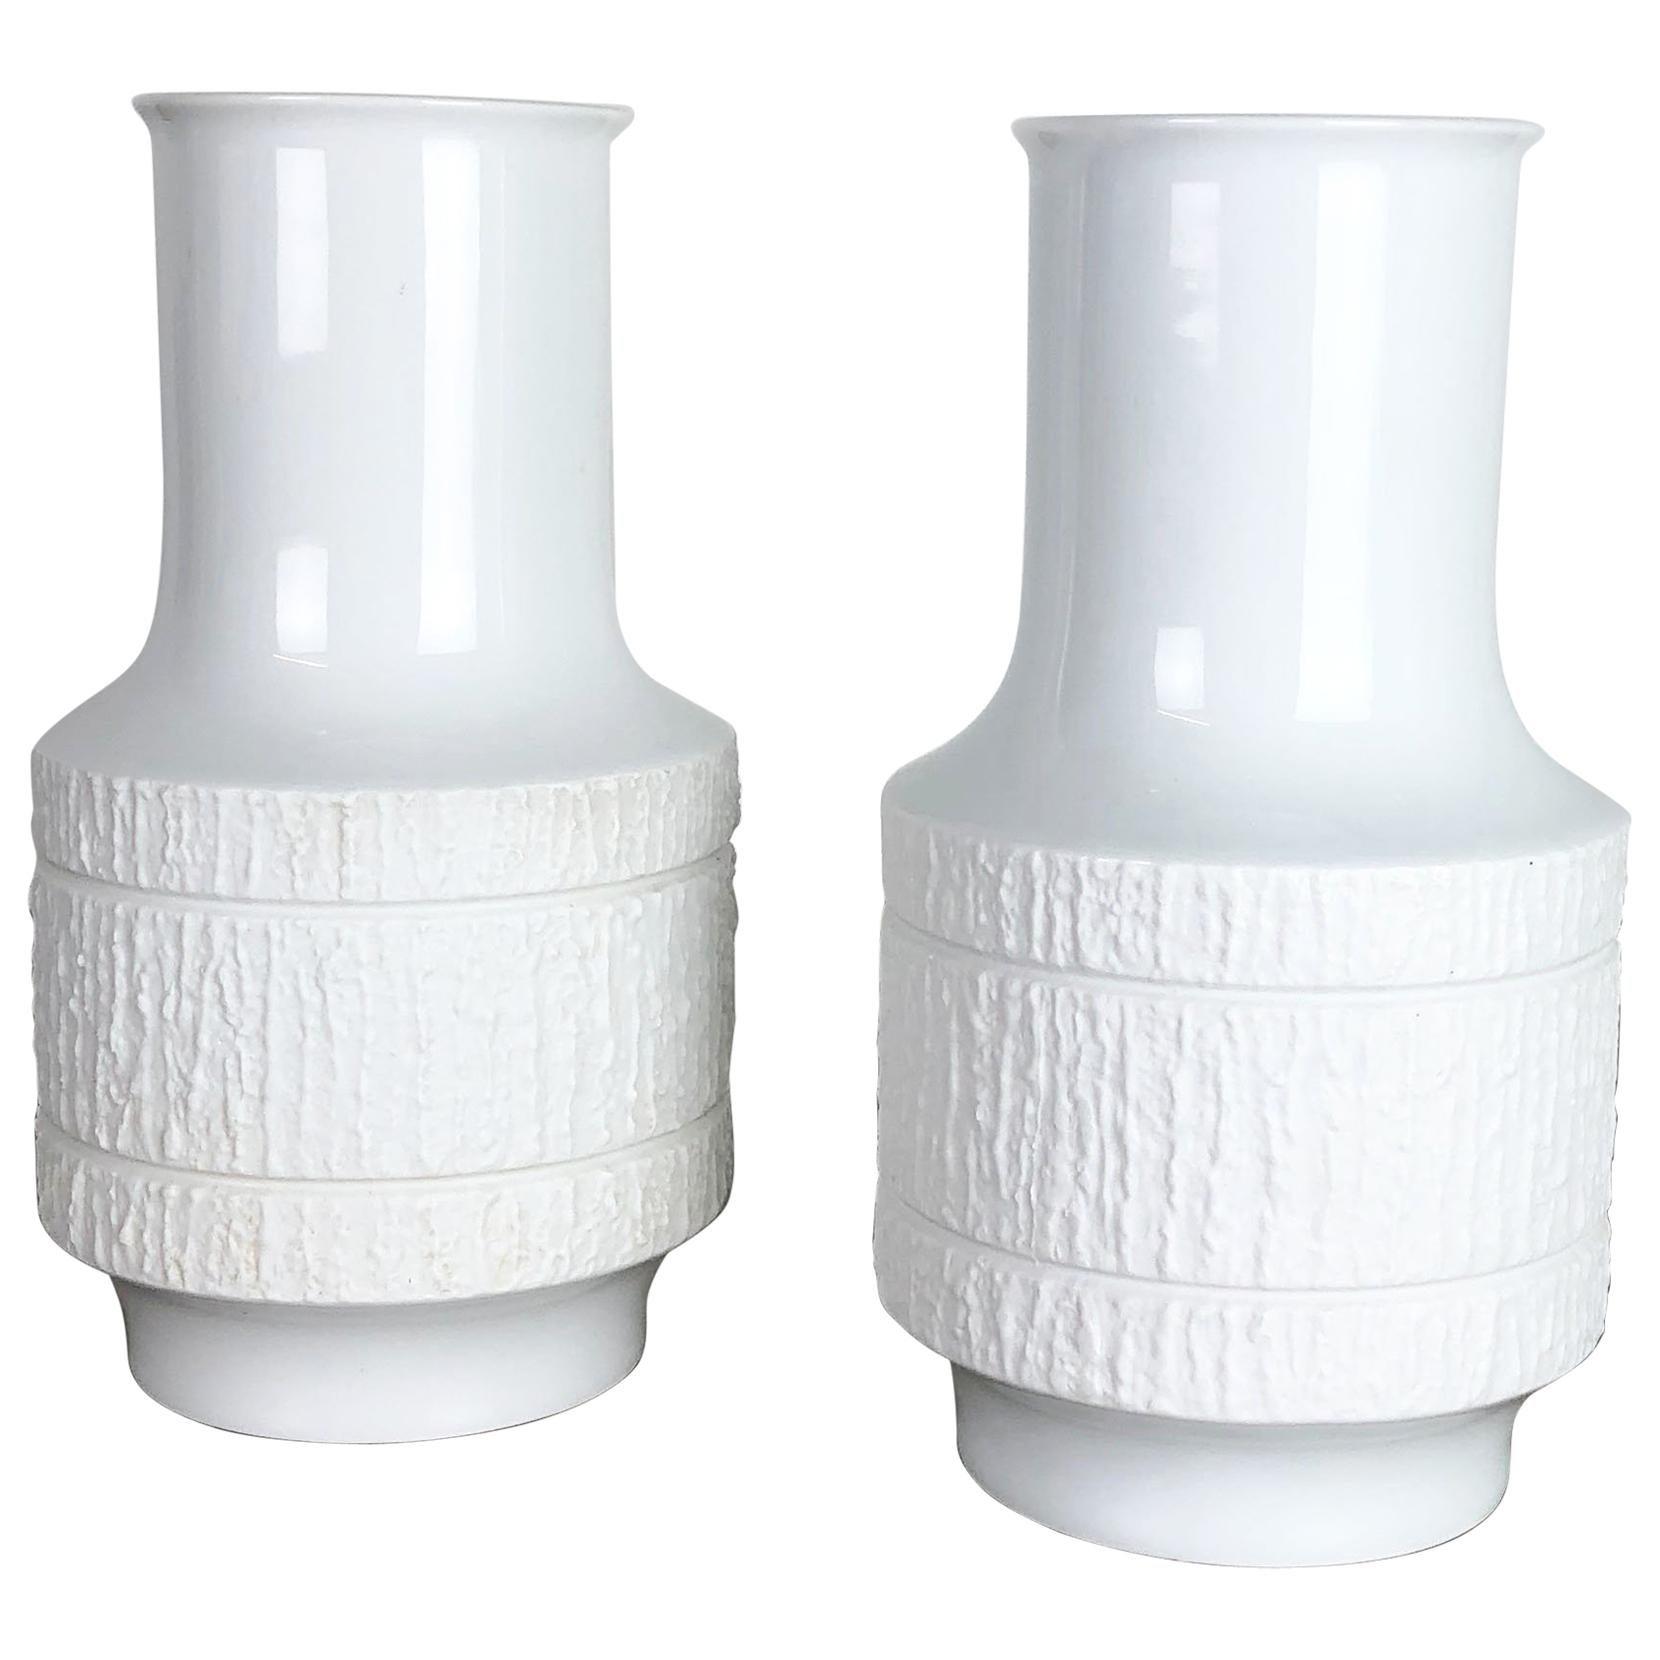 Set of 2 Porcelain Op Art Vase by Richard Scharrer for Thomas, Germany, 1970s